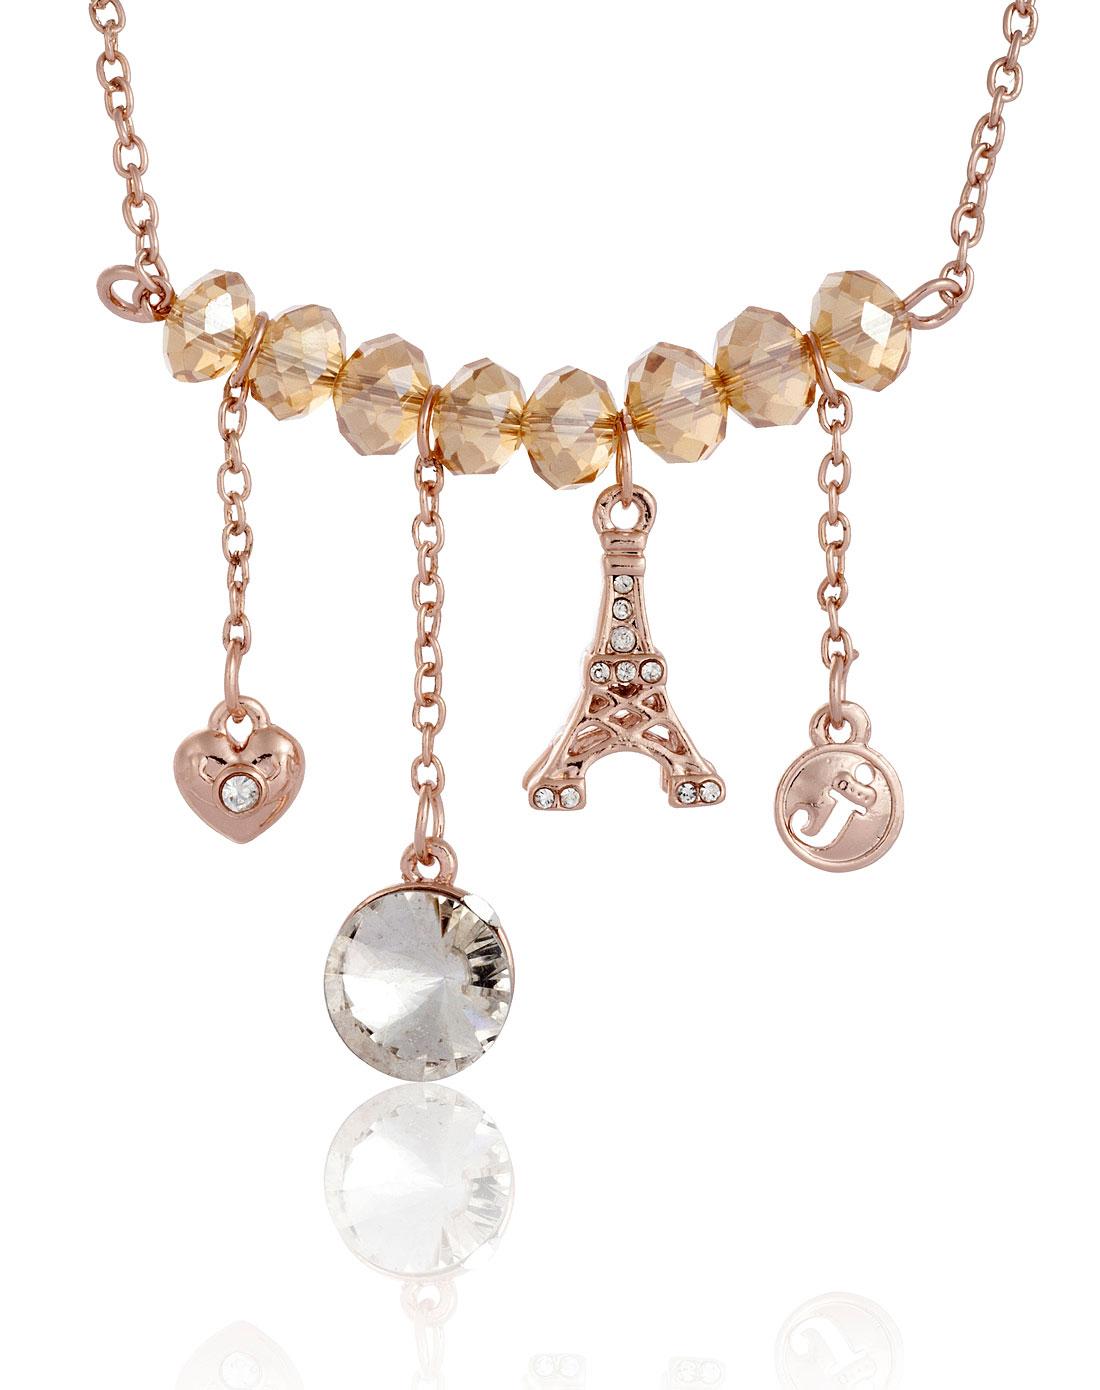 玫瑰金巴黎铁塔水晶项链